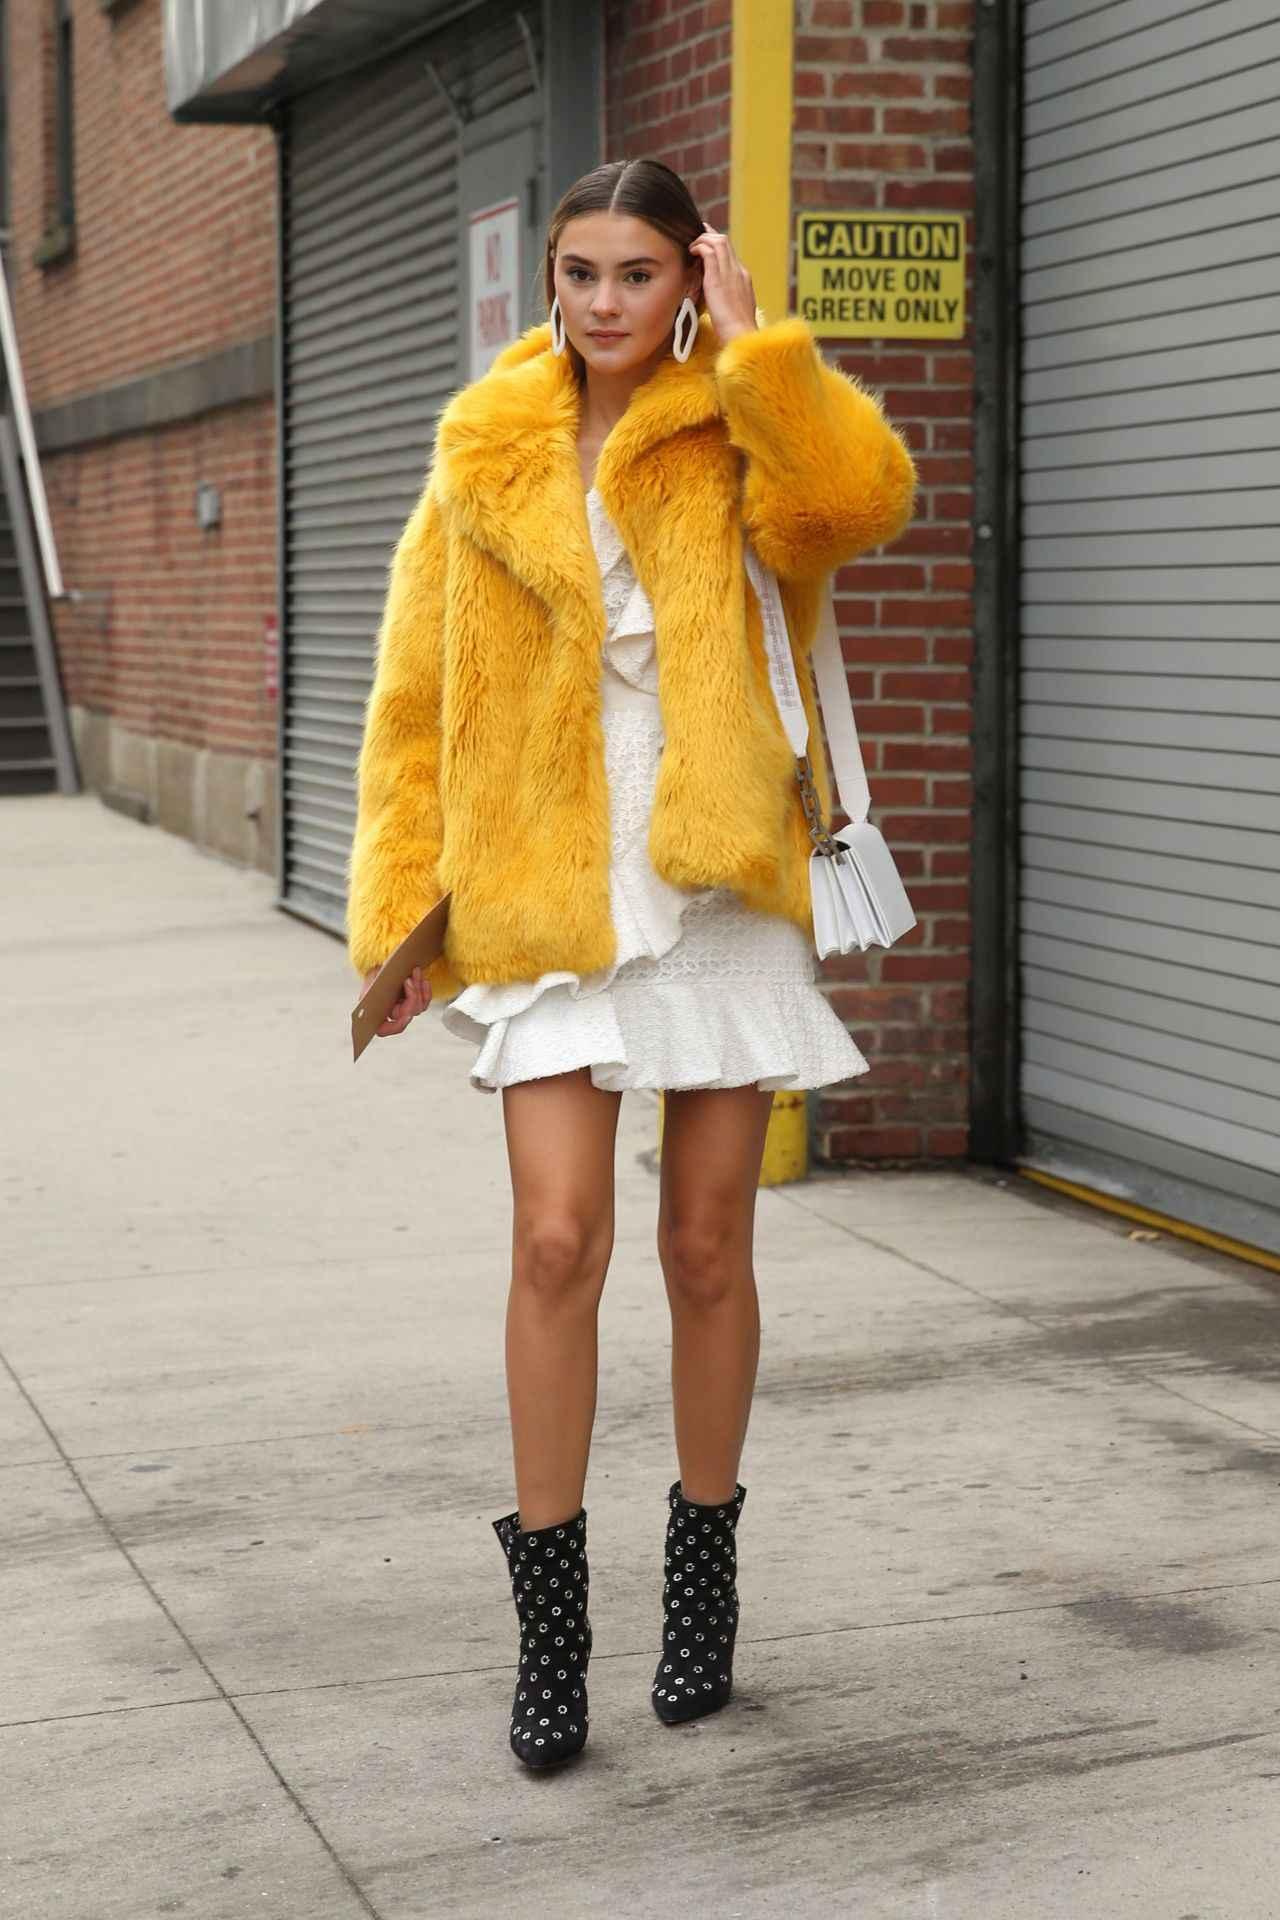 画像: 人気上昇中のモデルのステファニー・ギージンガー